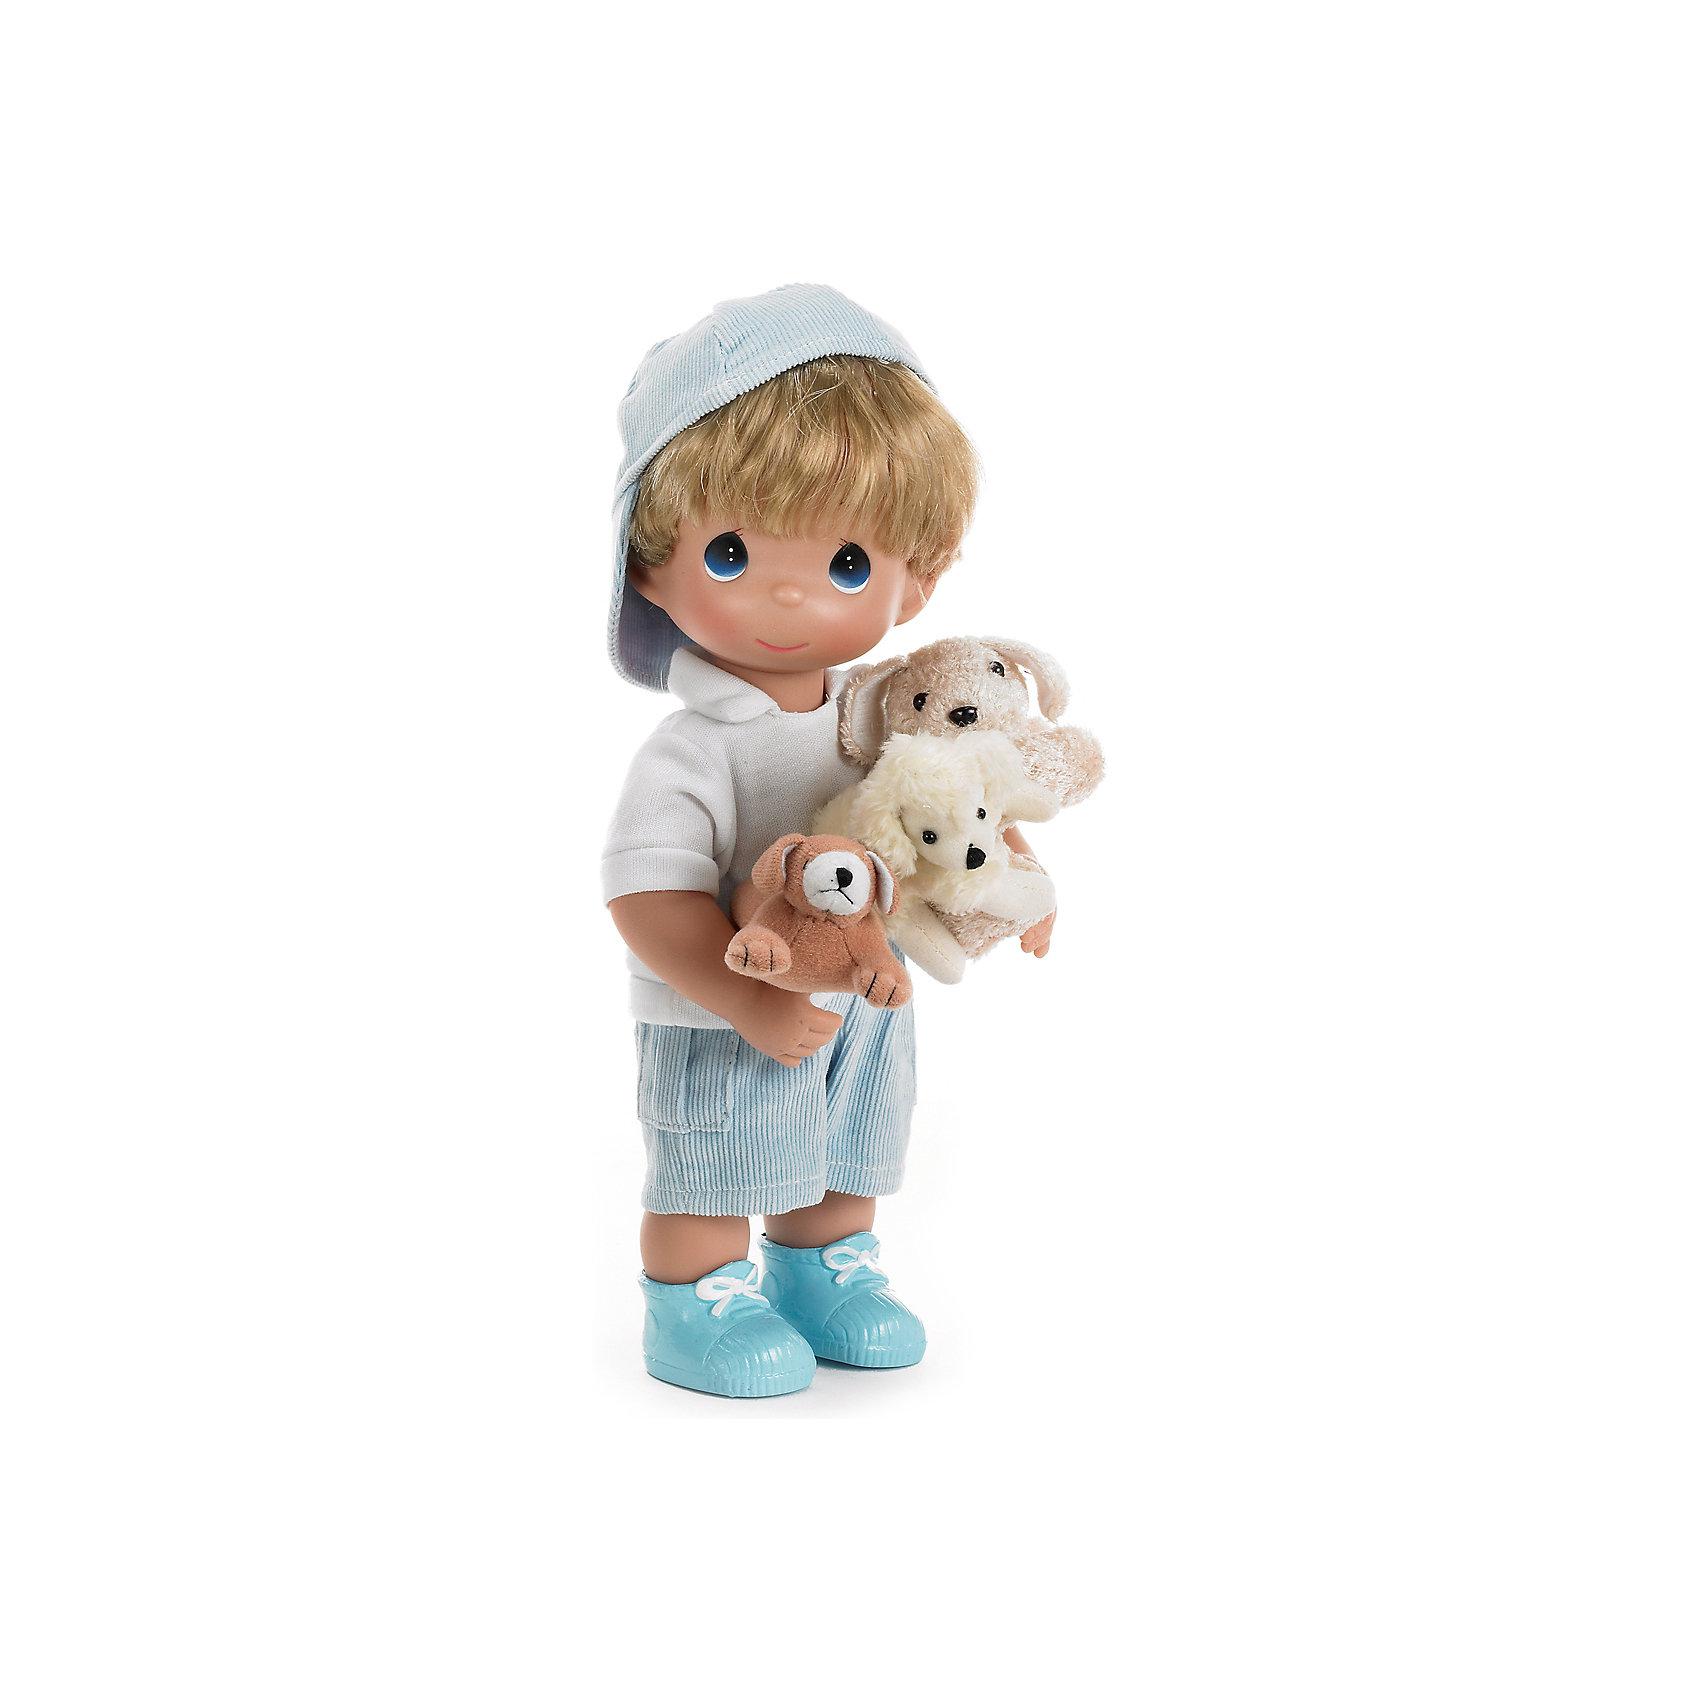 Кукла Мальчик и щенки, 30 см, Precious MomentsКлассические куклы<br>Характеристики товара:<br><br>• возраст: от 5 лет;<br>• материал: винил, текстиль;<br>• высота куклы: 30 см;<br>• размер упаковки: 33х16х12 см;<br>• вес упаковки: 395 гр.;<br>• страна производитель: Филиппины.<br><br>Кукла «Мальчик и щенки» Precious Moments — коллекционная кукла-мальчик с выразительными голубыми глазками. Мальчик одет в голубые шорты, белую футболку и ботиночки. В руках он держит 3 забавных щенков. У куклы имеются подвижные детали. Она выполнена из качественного безопасного материала.<br><br>Куклу «Мальчик и щенки» Precious Moments можно приобрести в нашем интернет-магазине.<br><br>Ширина мм: 140<br>Глубина мм: 300<br>Высота мм: 80<br>Вес г: 428<br>Возраст от месяцев: 36<br>Возраст до месяцев: 2147483647<br>Пол: Женский<br>Возраст: Детский<br>SKU: 5482505